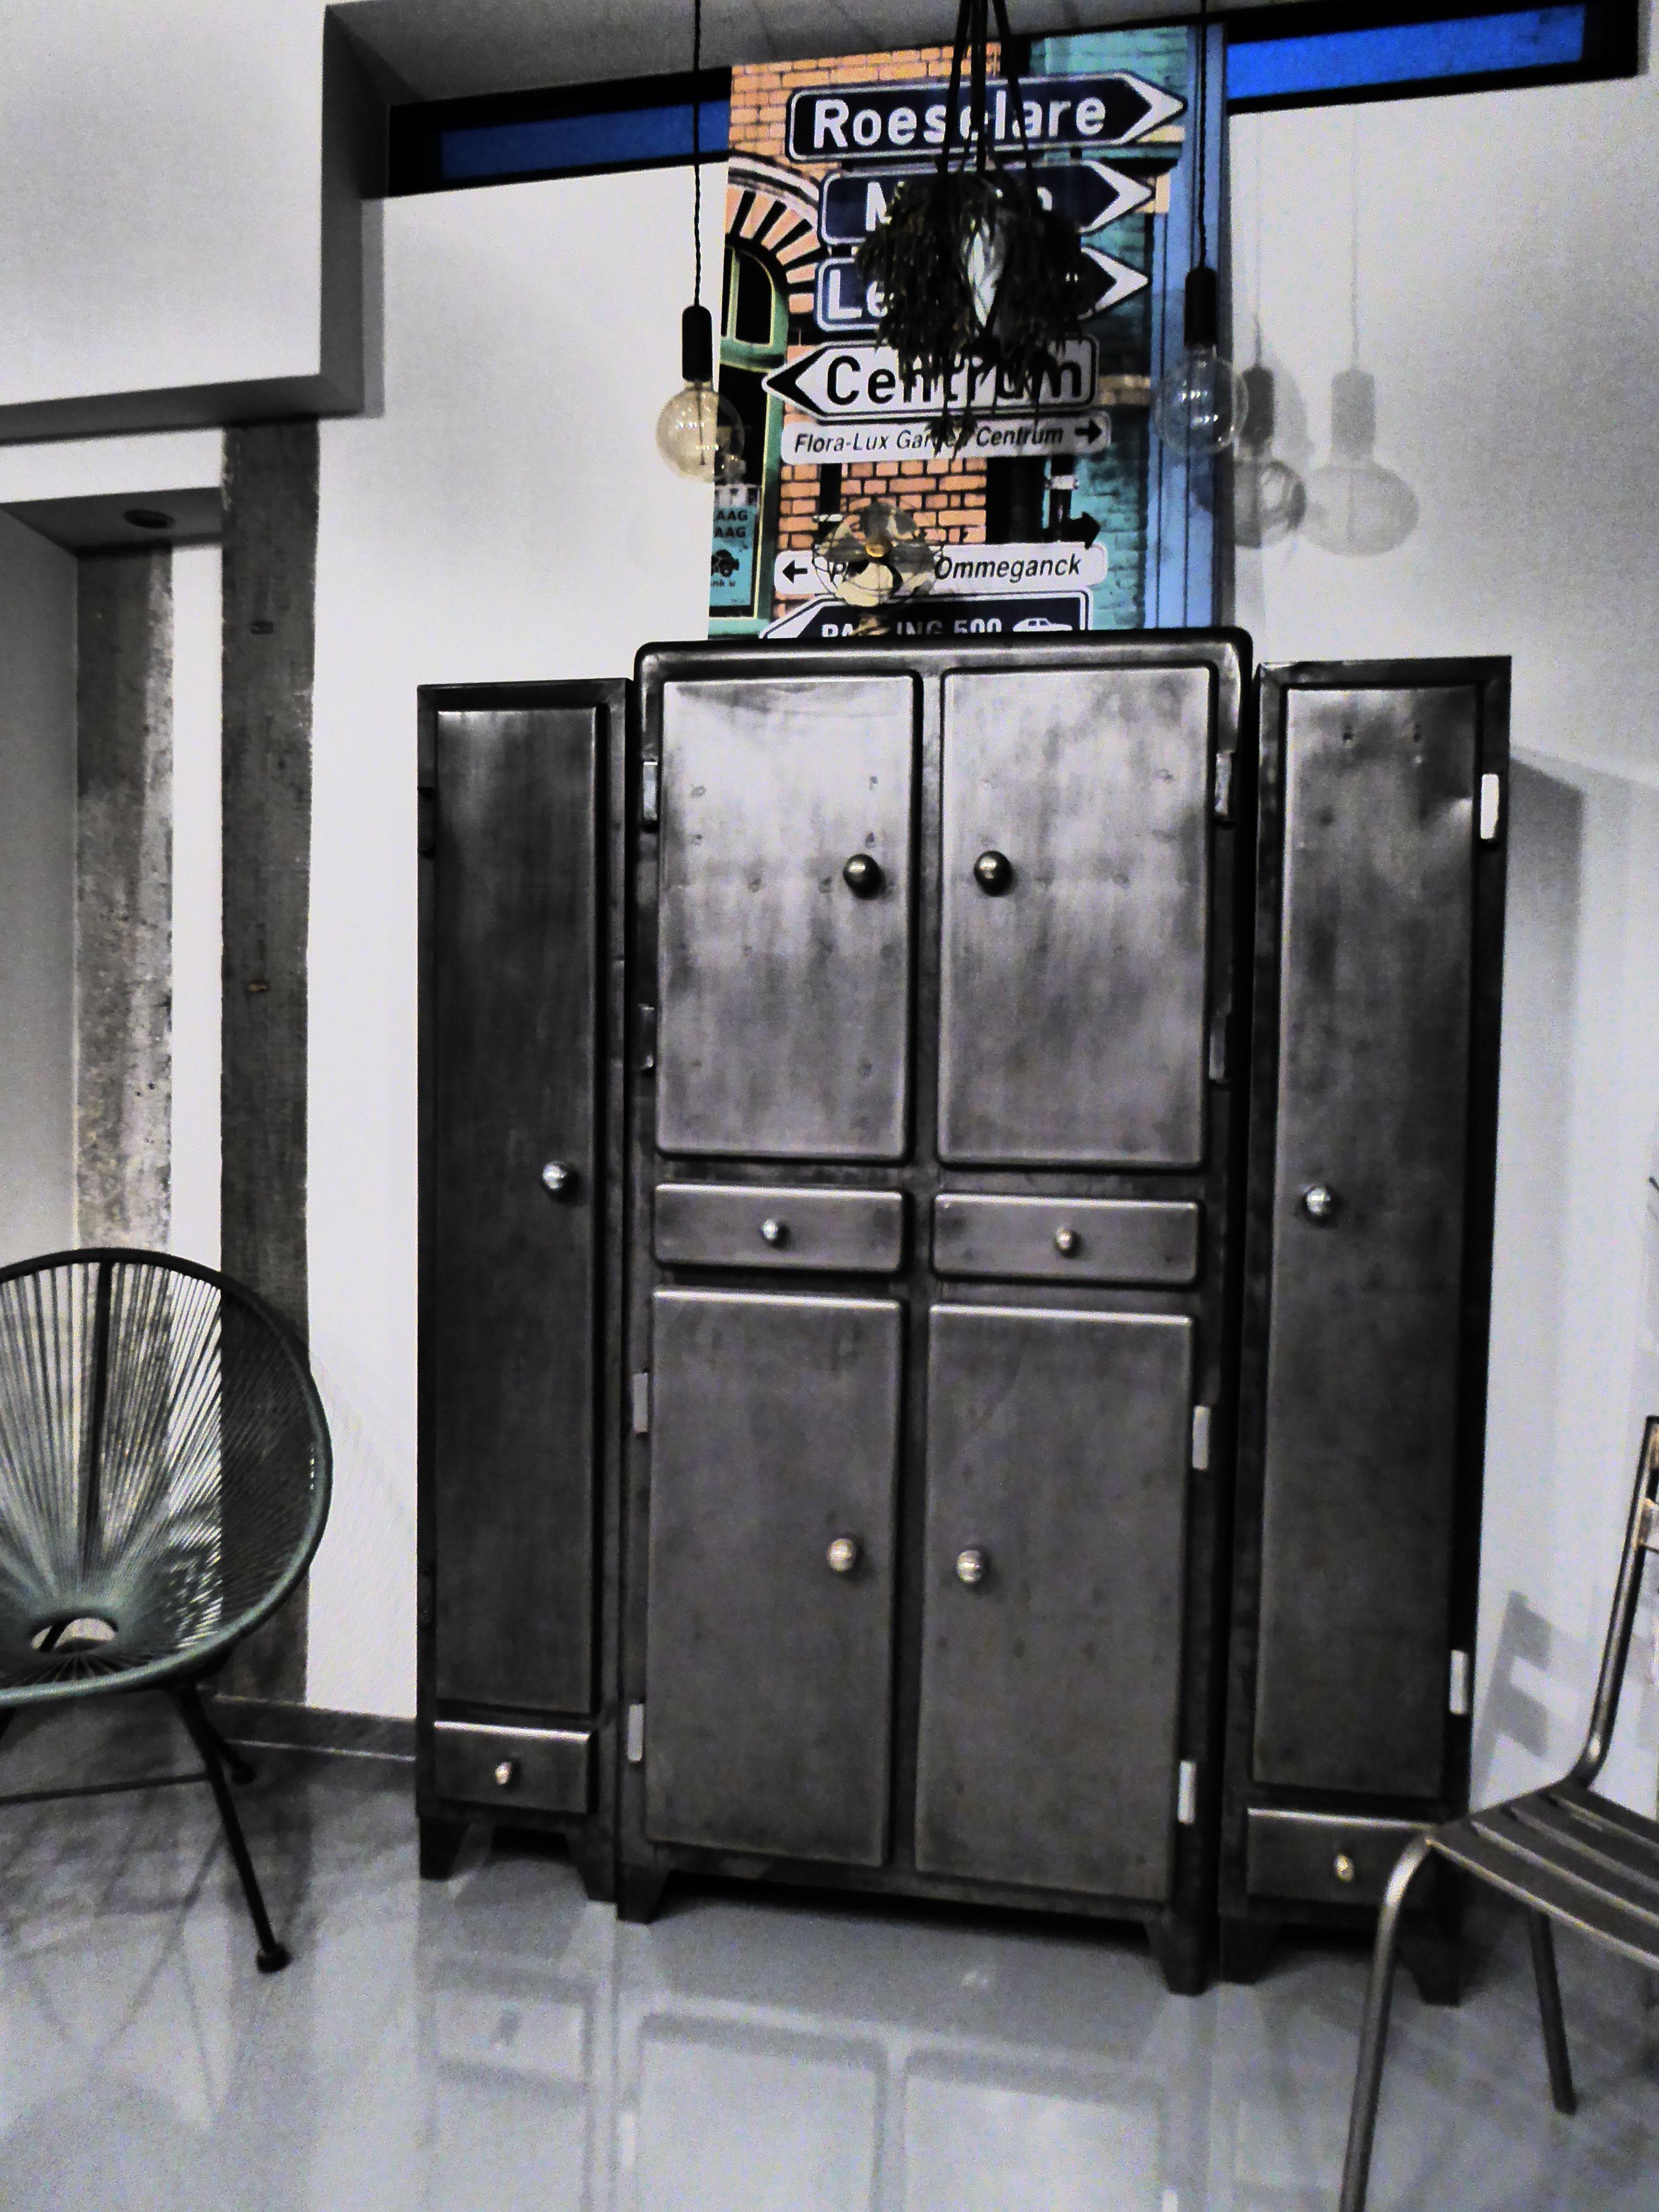 Armoire De Cuisine Annees 50 Inspirationrecup Com Vous Propose Ce Meuble Ancien Restaure Des Annees 50 Tout En Met Armoire Armoire De Cuisine Cuisine Annees 50